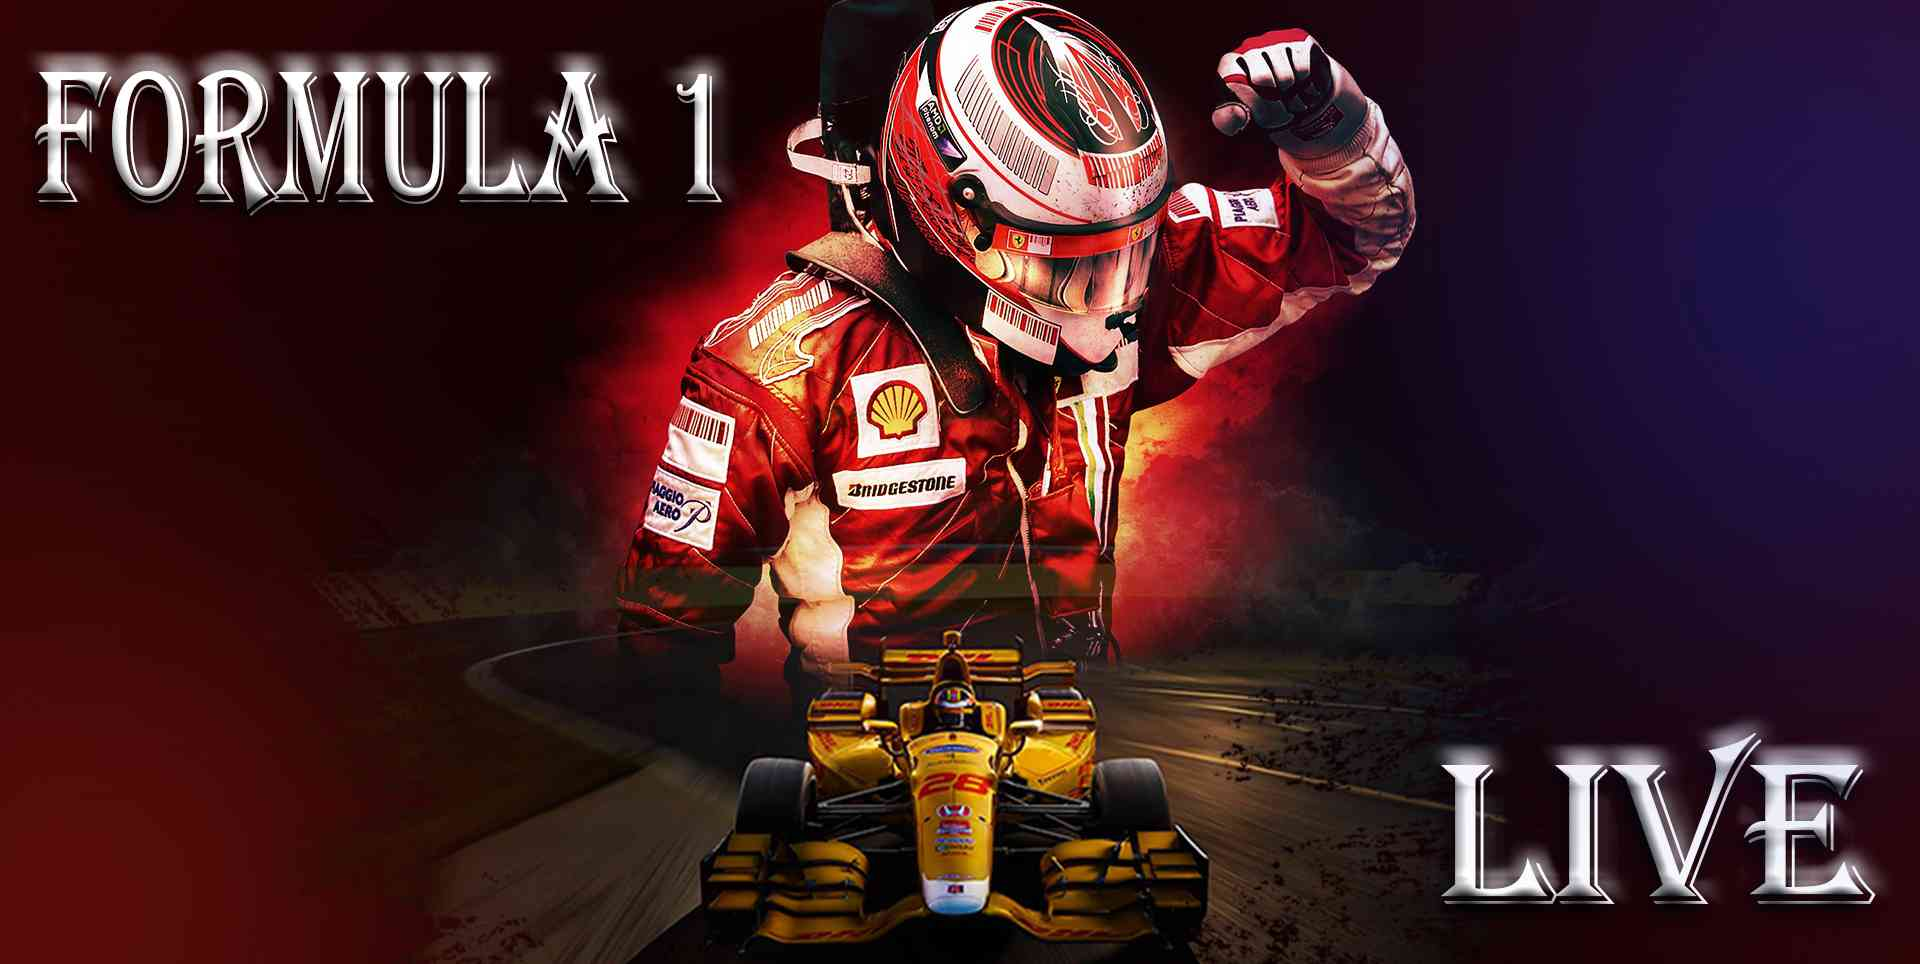 Watch 2016 FIA Formula E Berlin ePrix Live Telecast